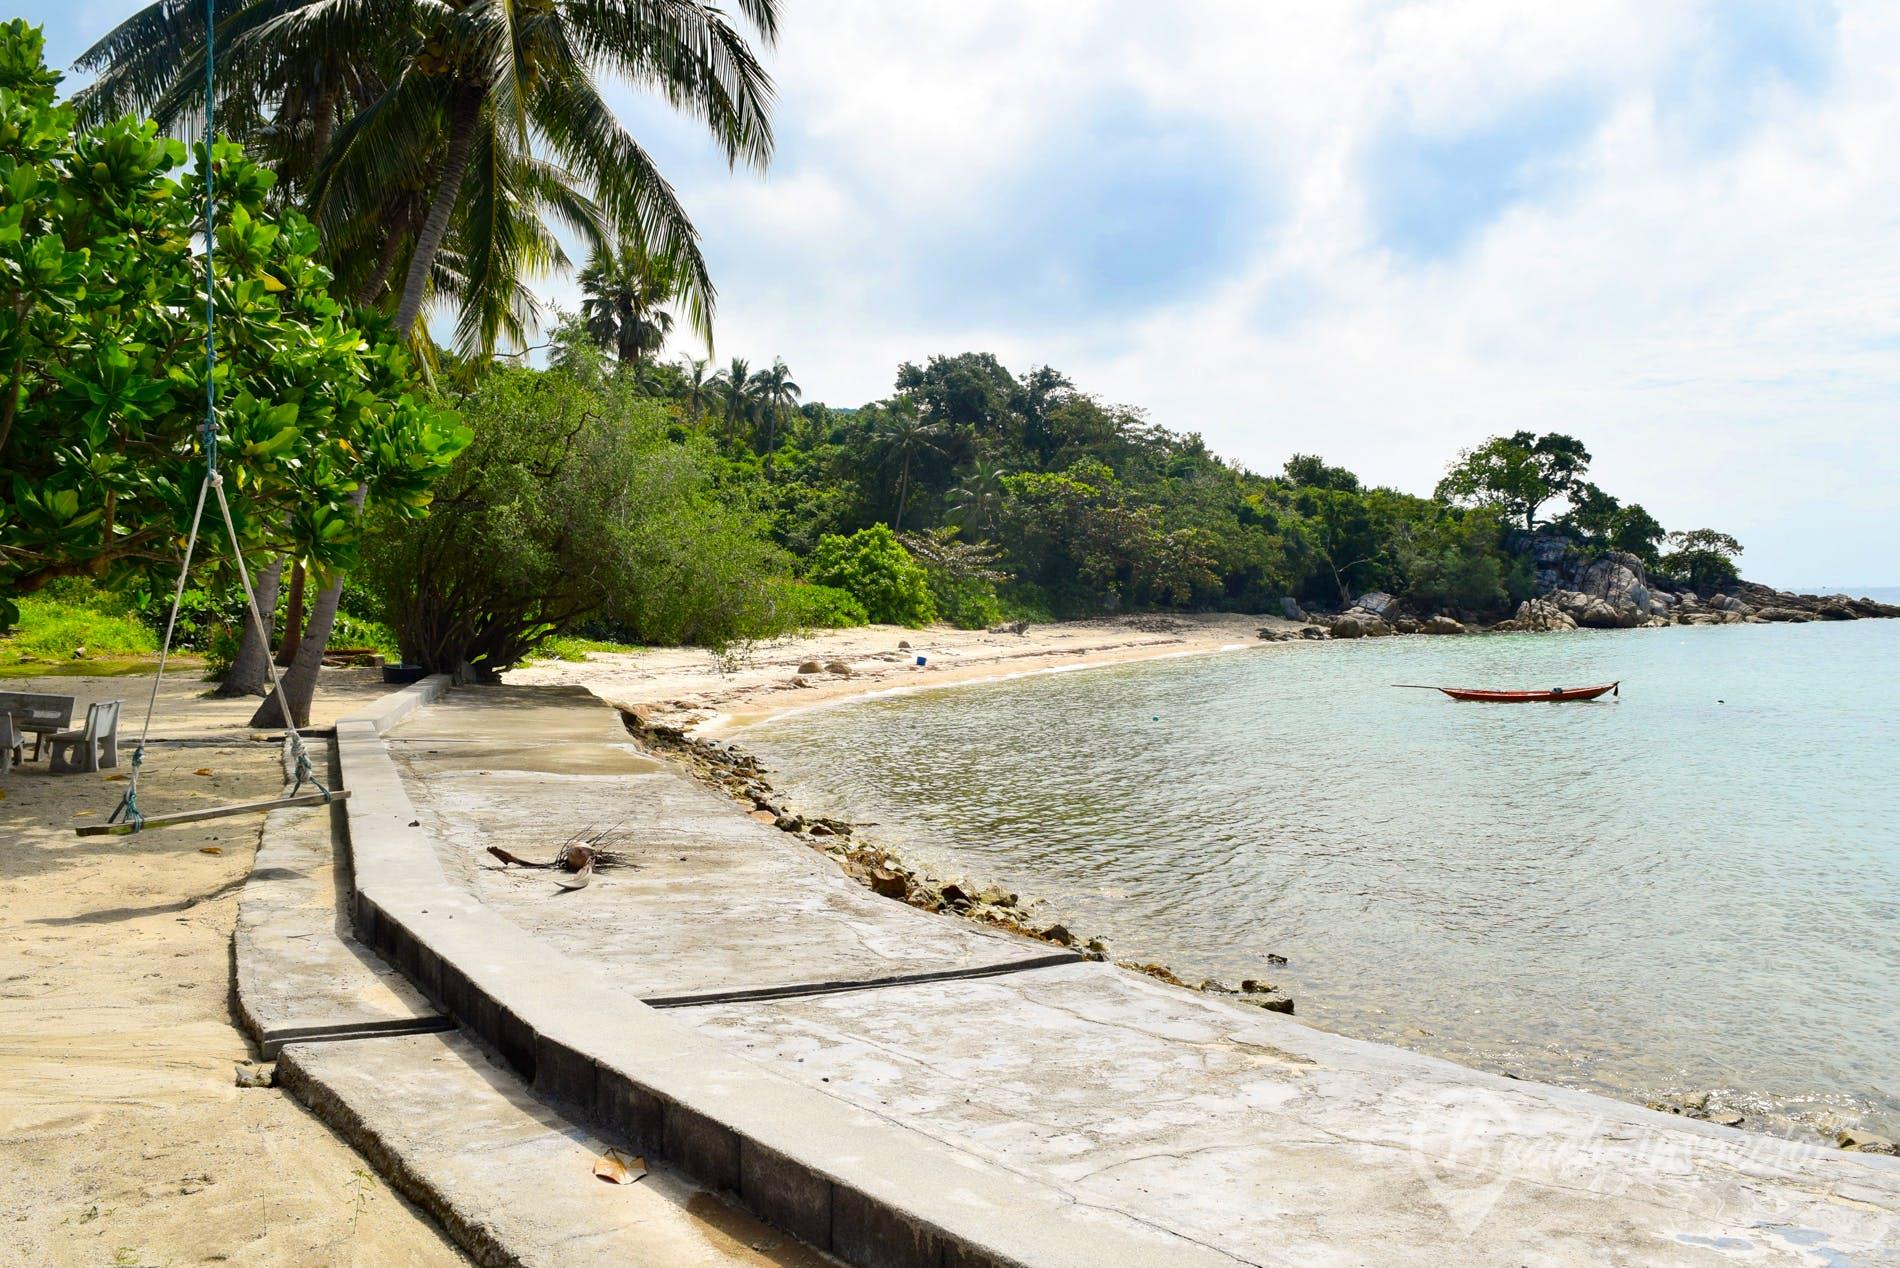 Beach Haad Tian Beach, Koh Phangan, Thailand